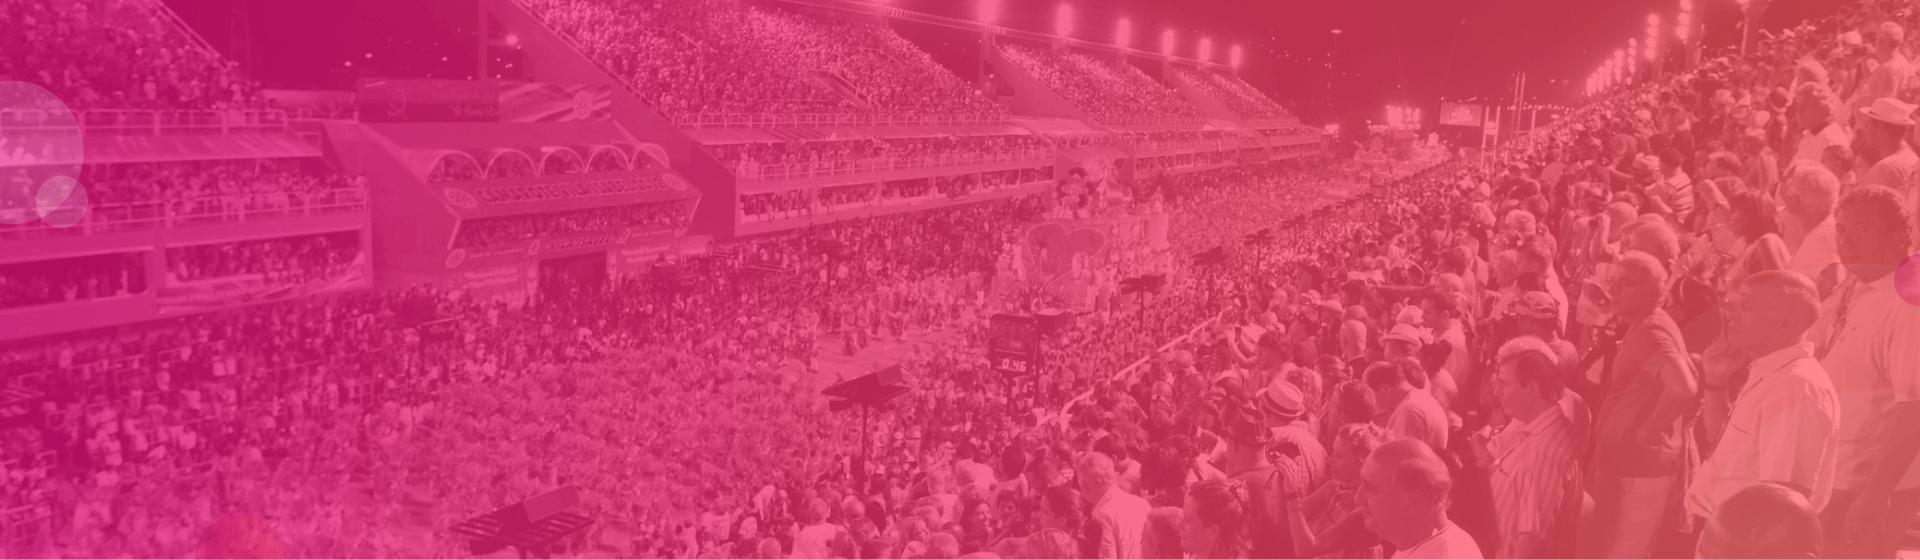 Les Célébrations Carnavalesques de Recife et Olinda